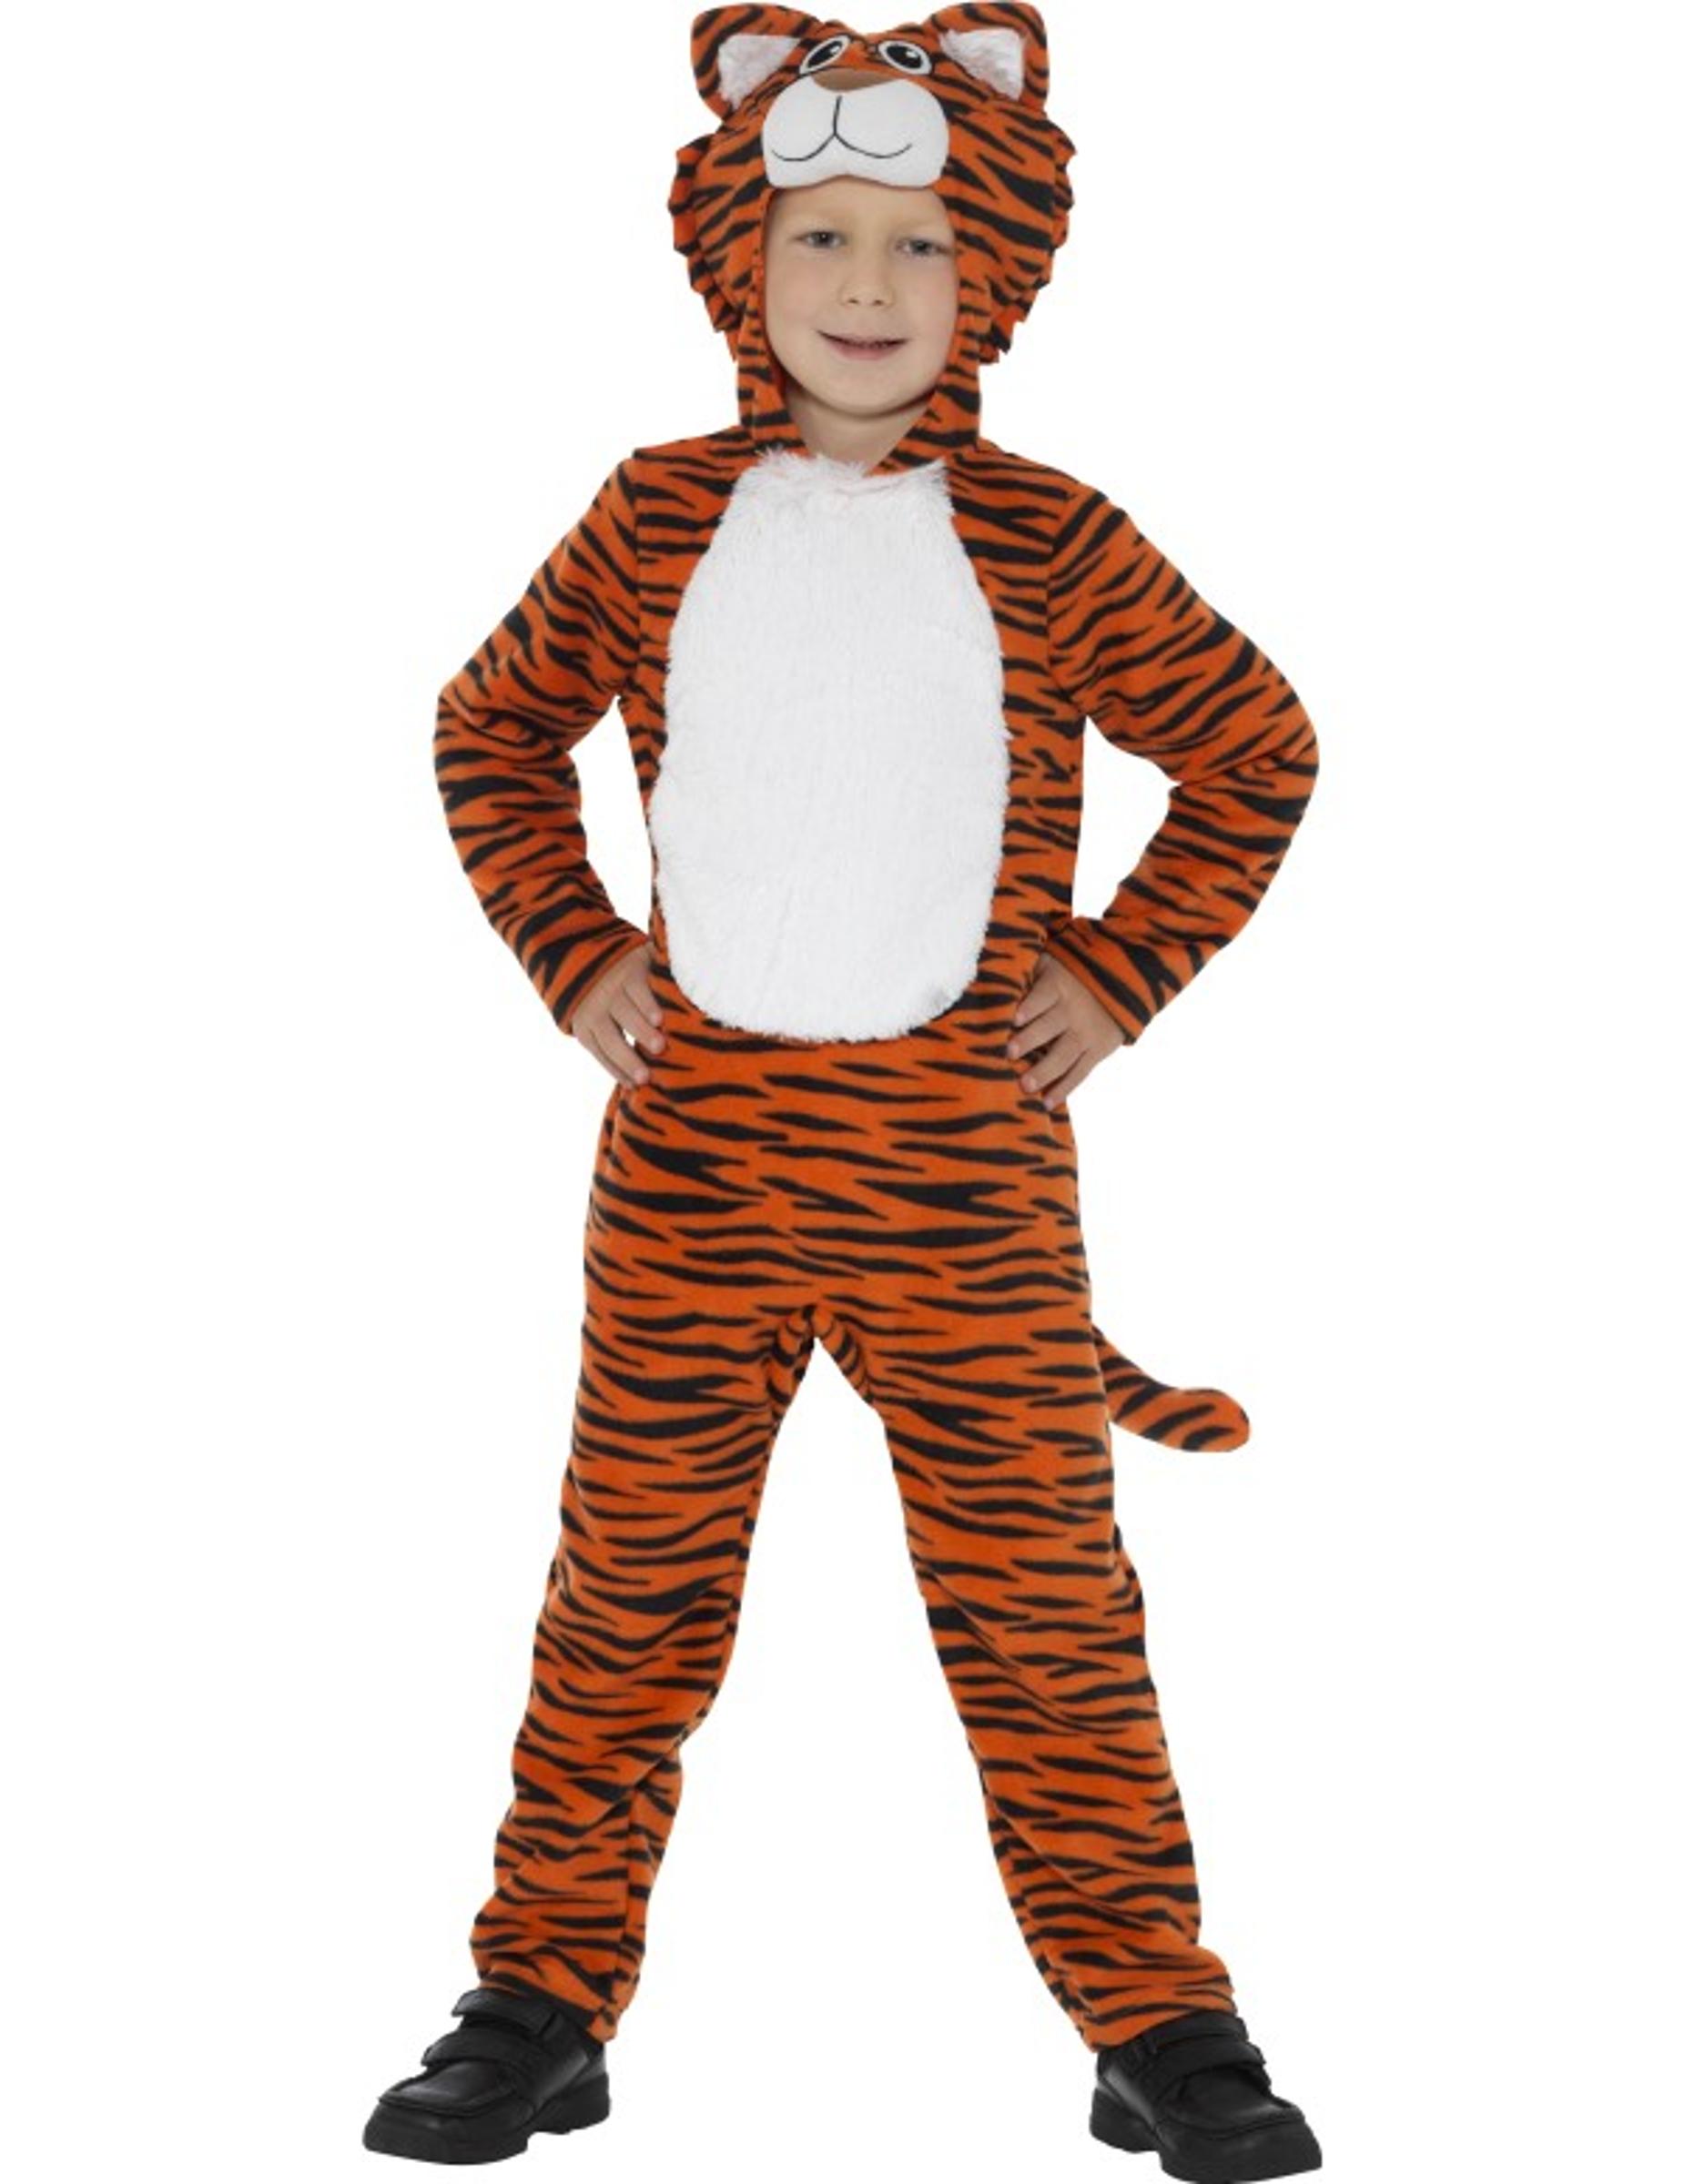 #Tigerkostüm Kinder#